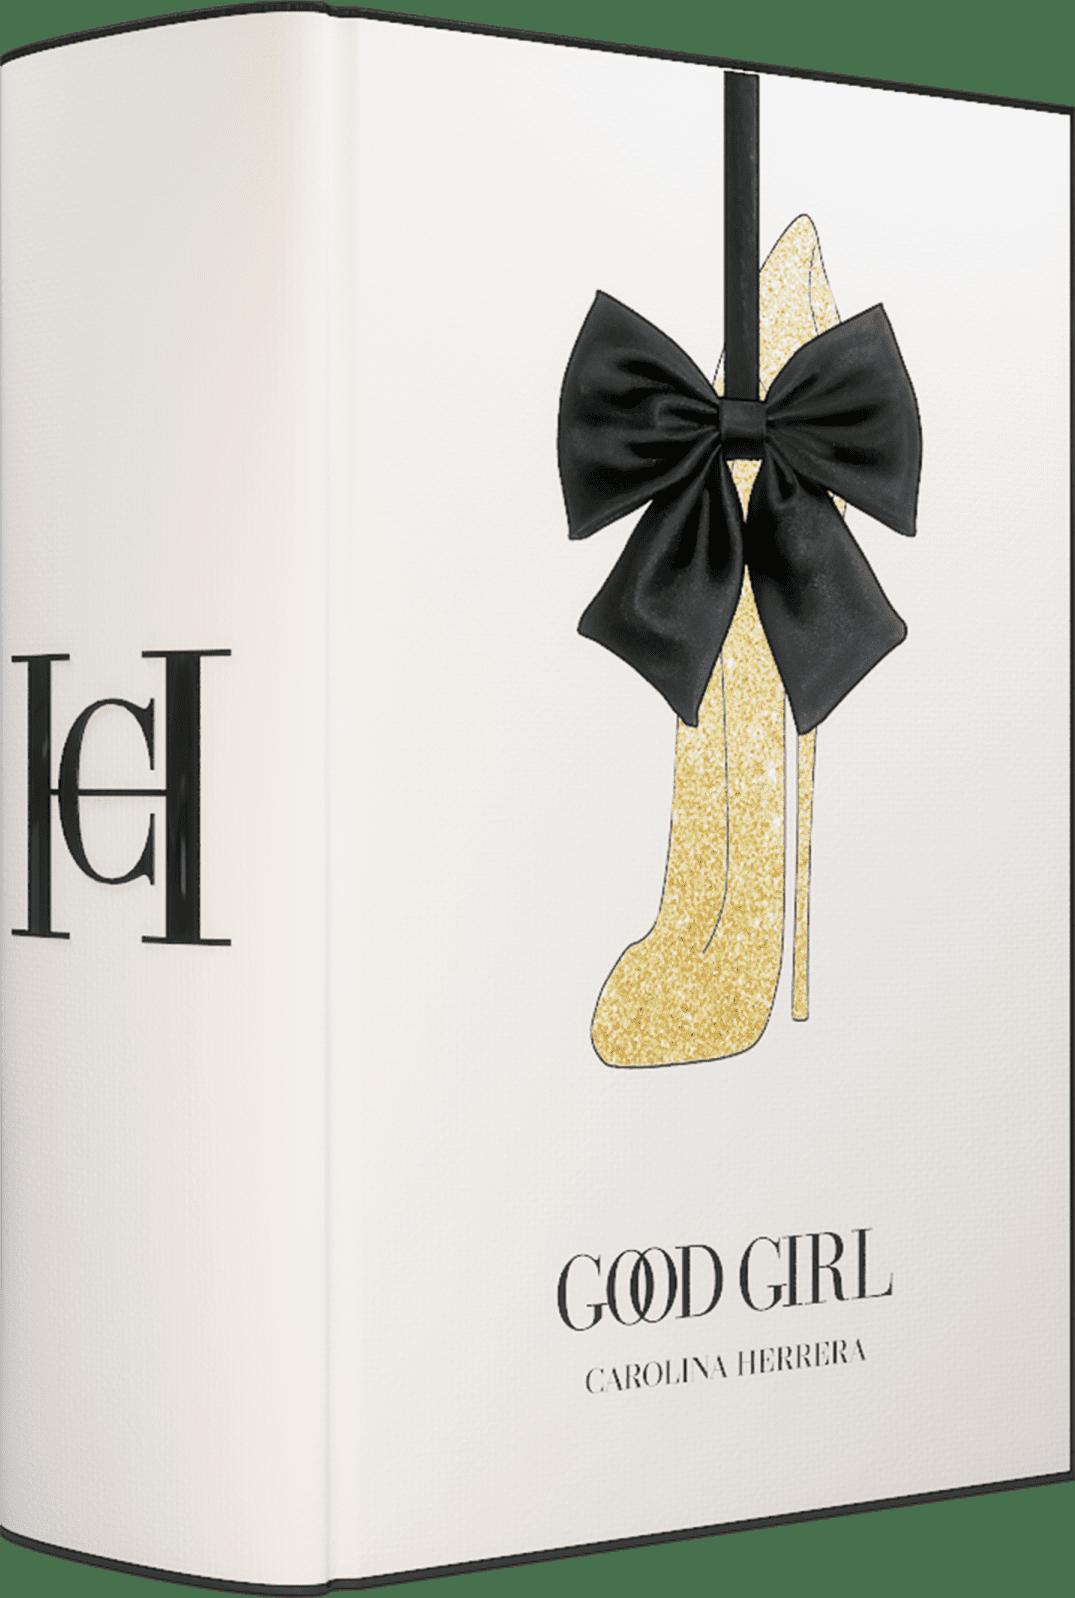 6b585e4e0 Conjunto Carolina Herrera Good Girl Légère Feminino - Eau de Parfum 50ml +  Loção Corporal 75ml